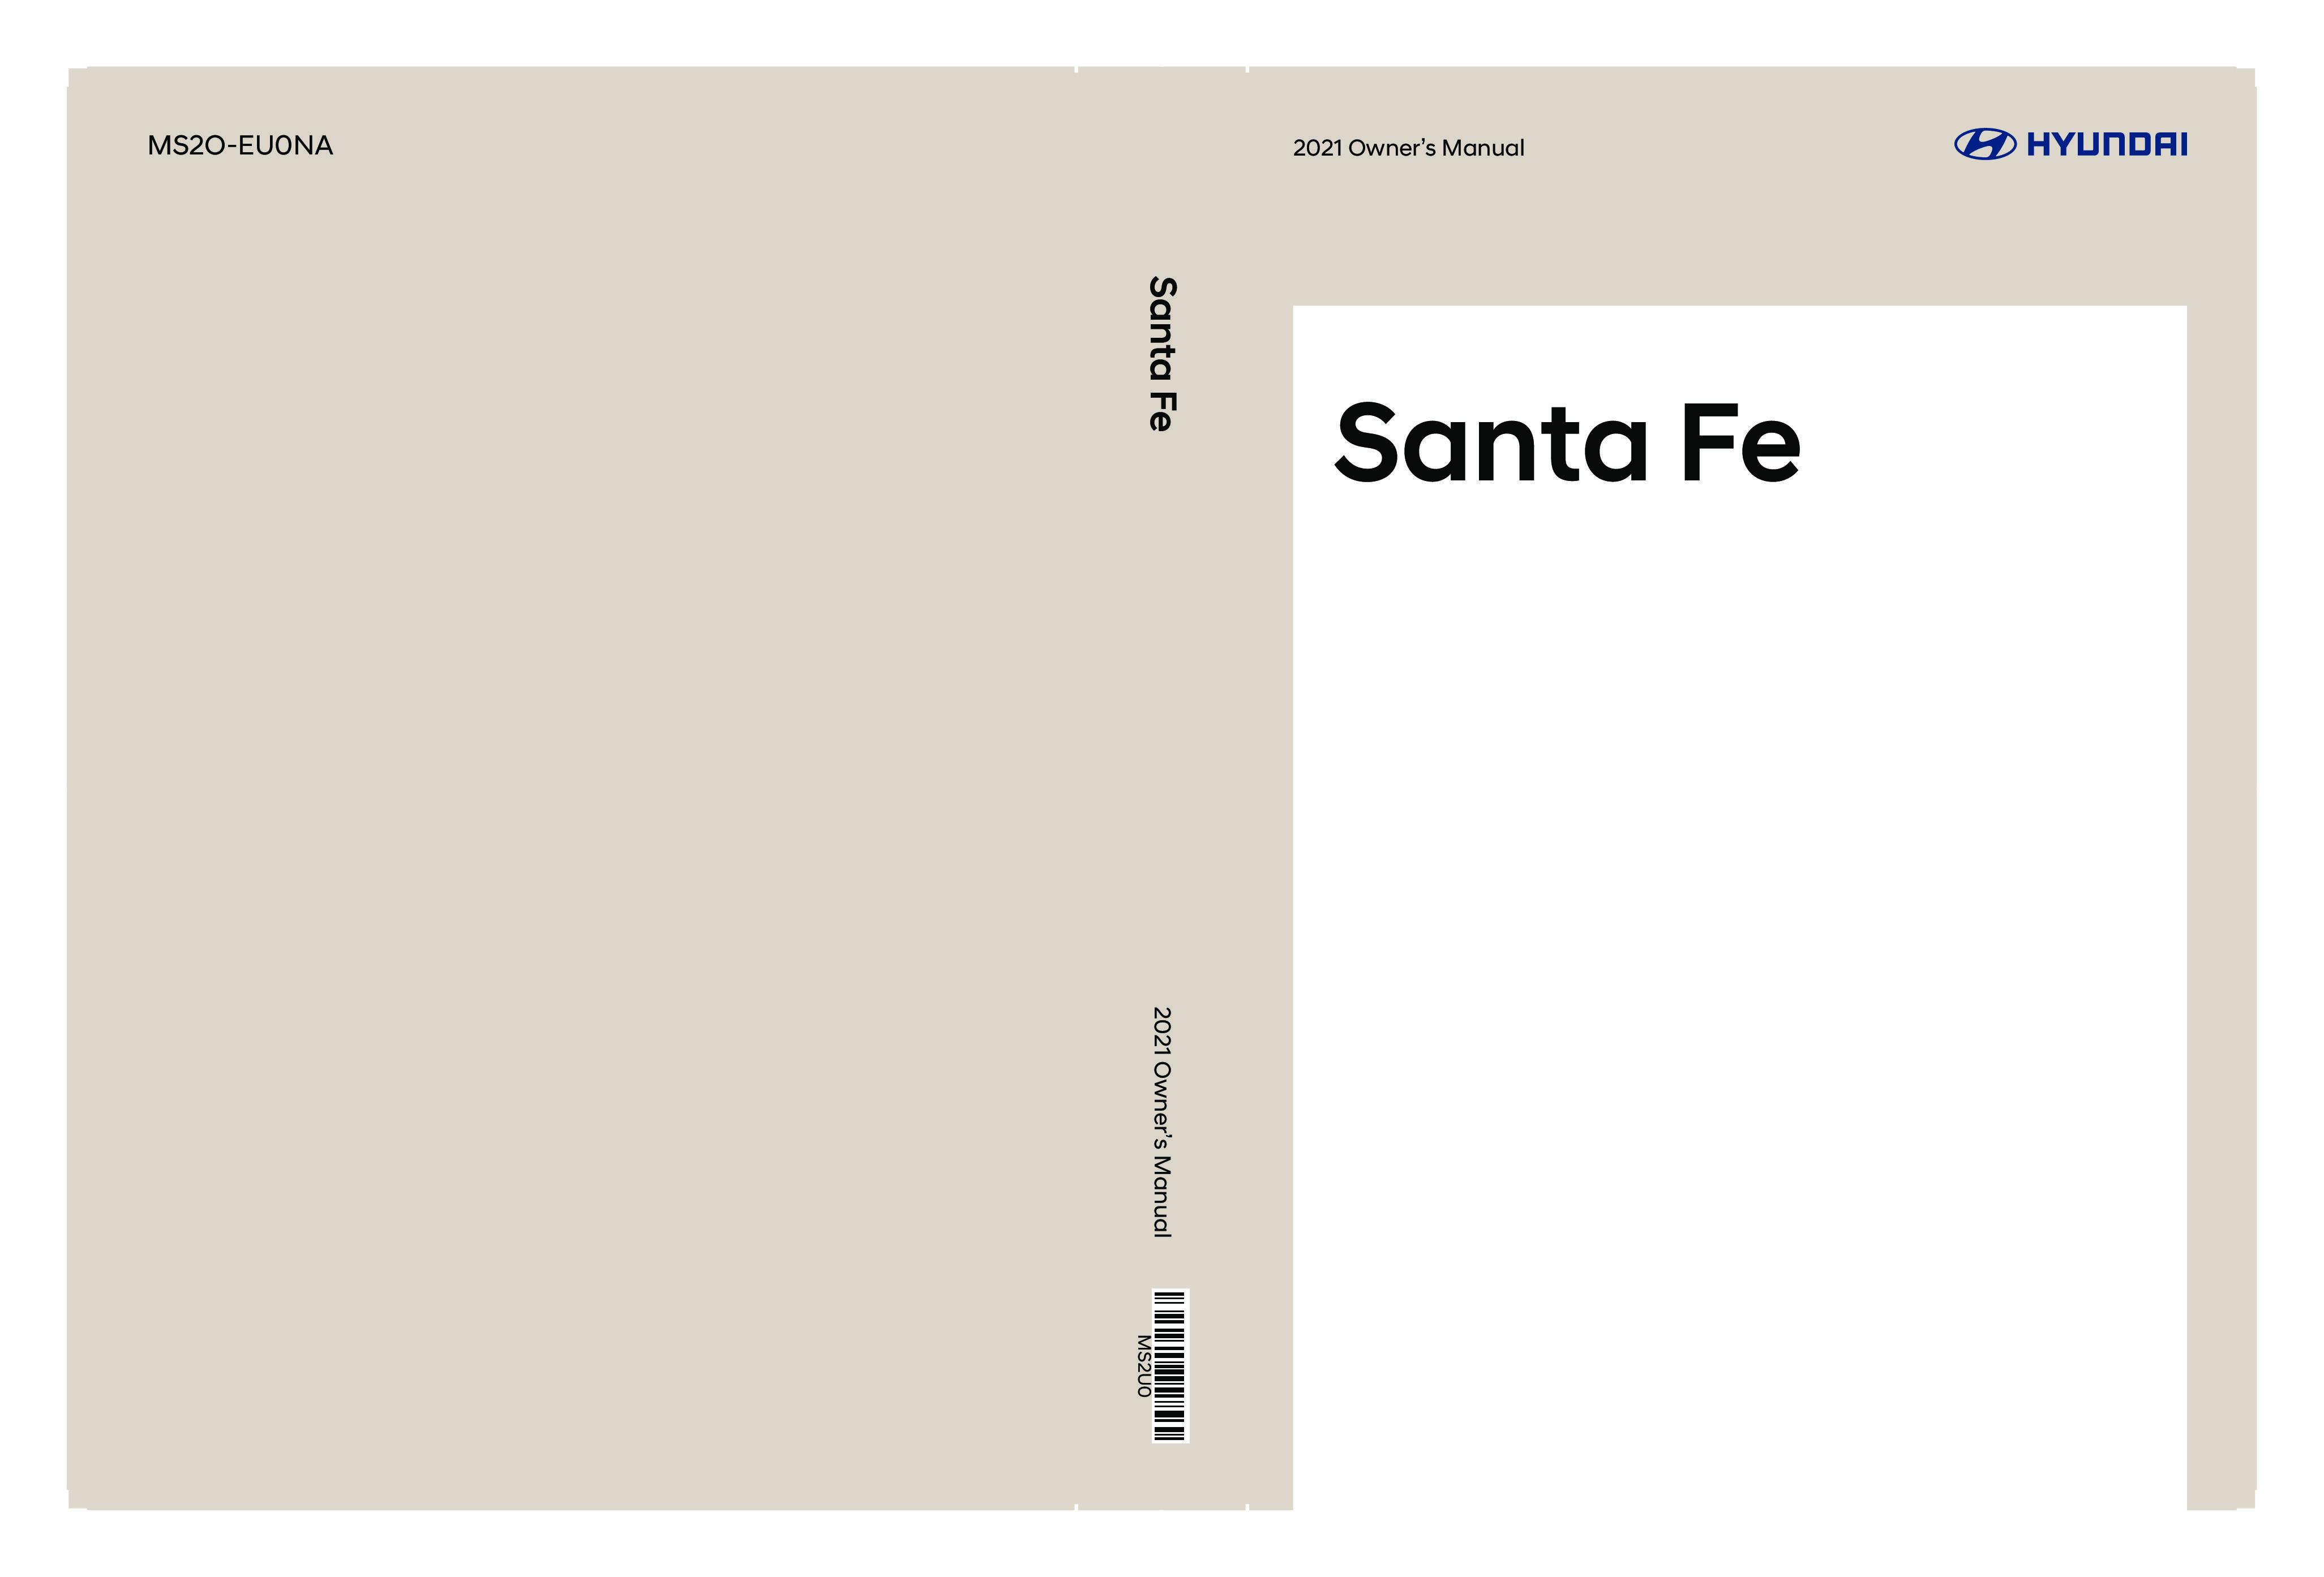 2021 Hyundai Santa Fe owners manual